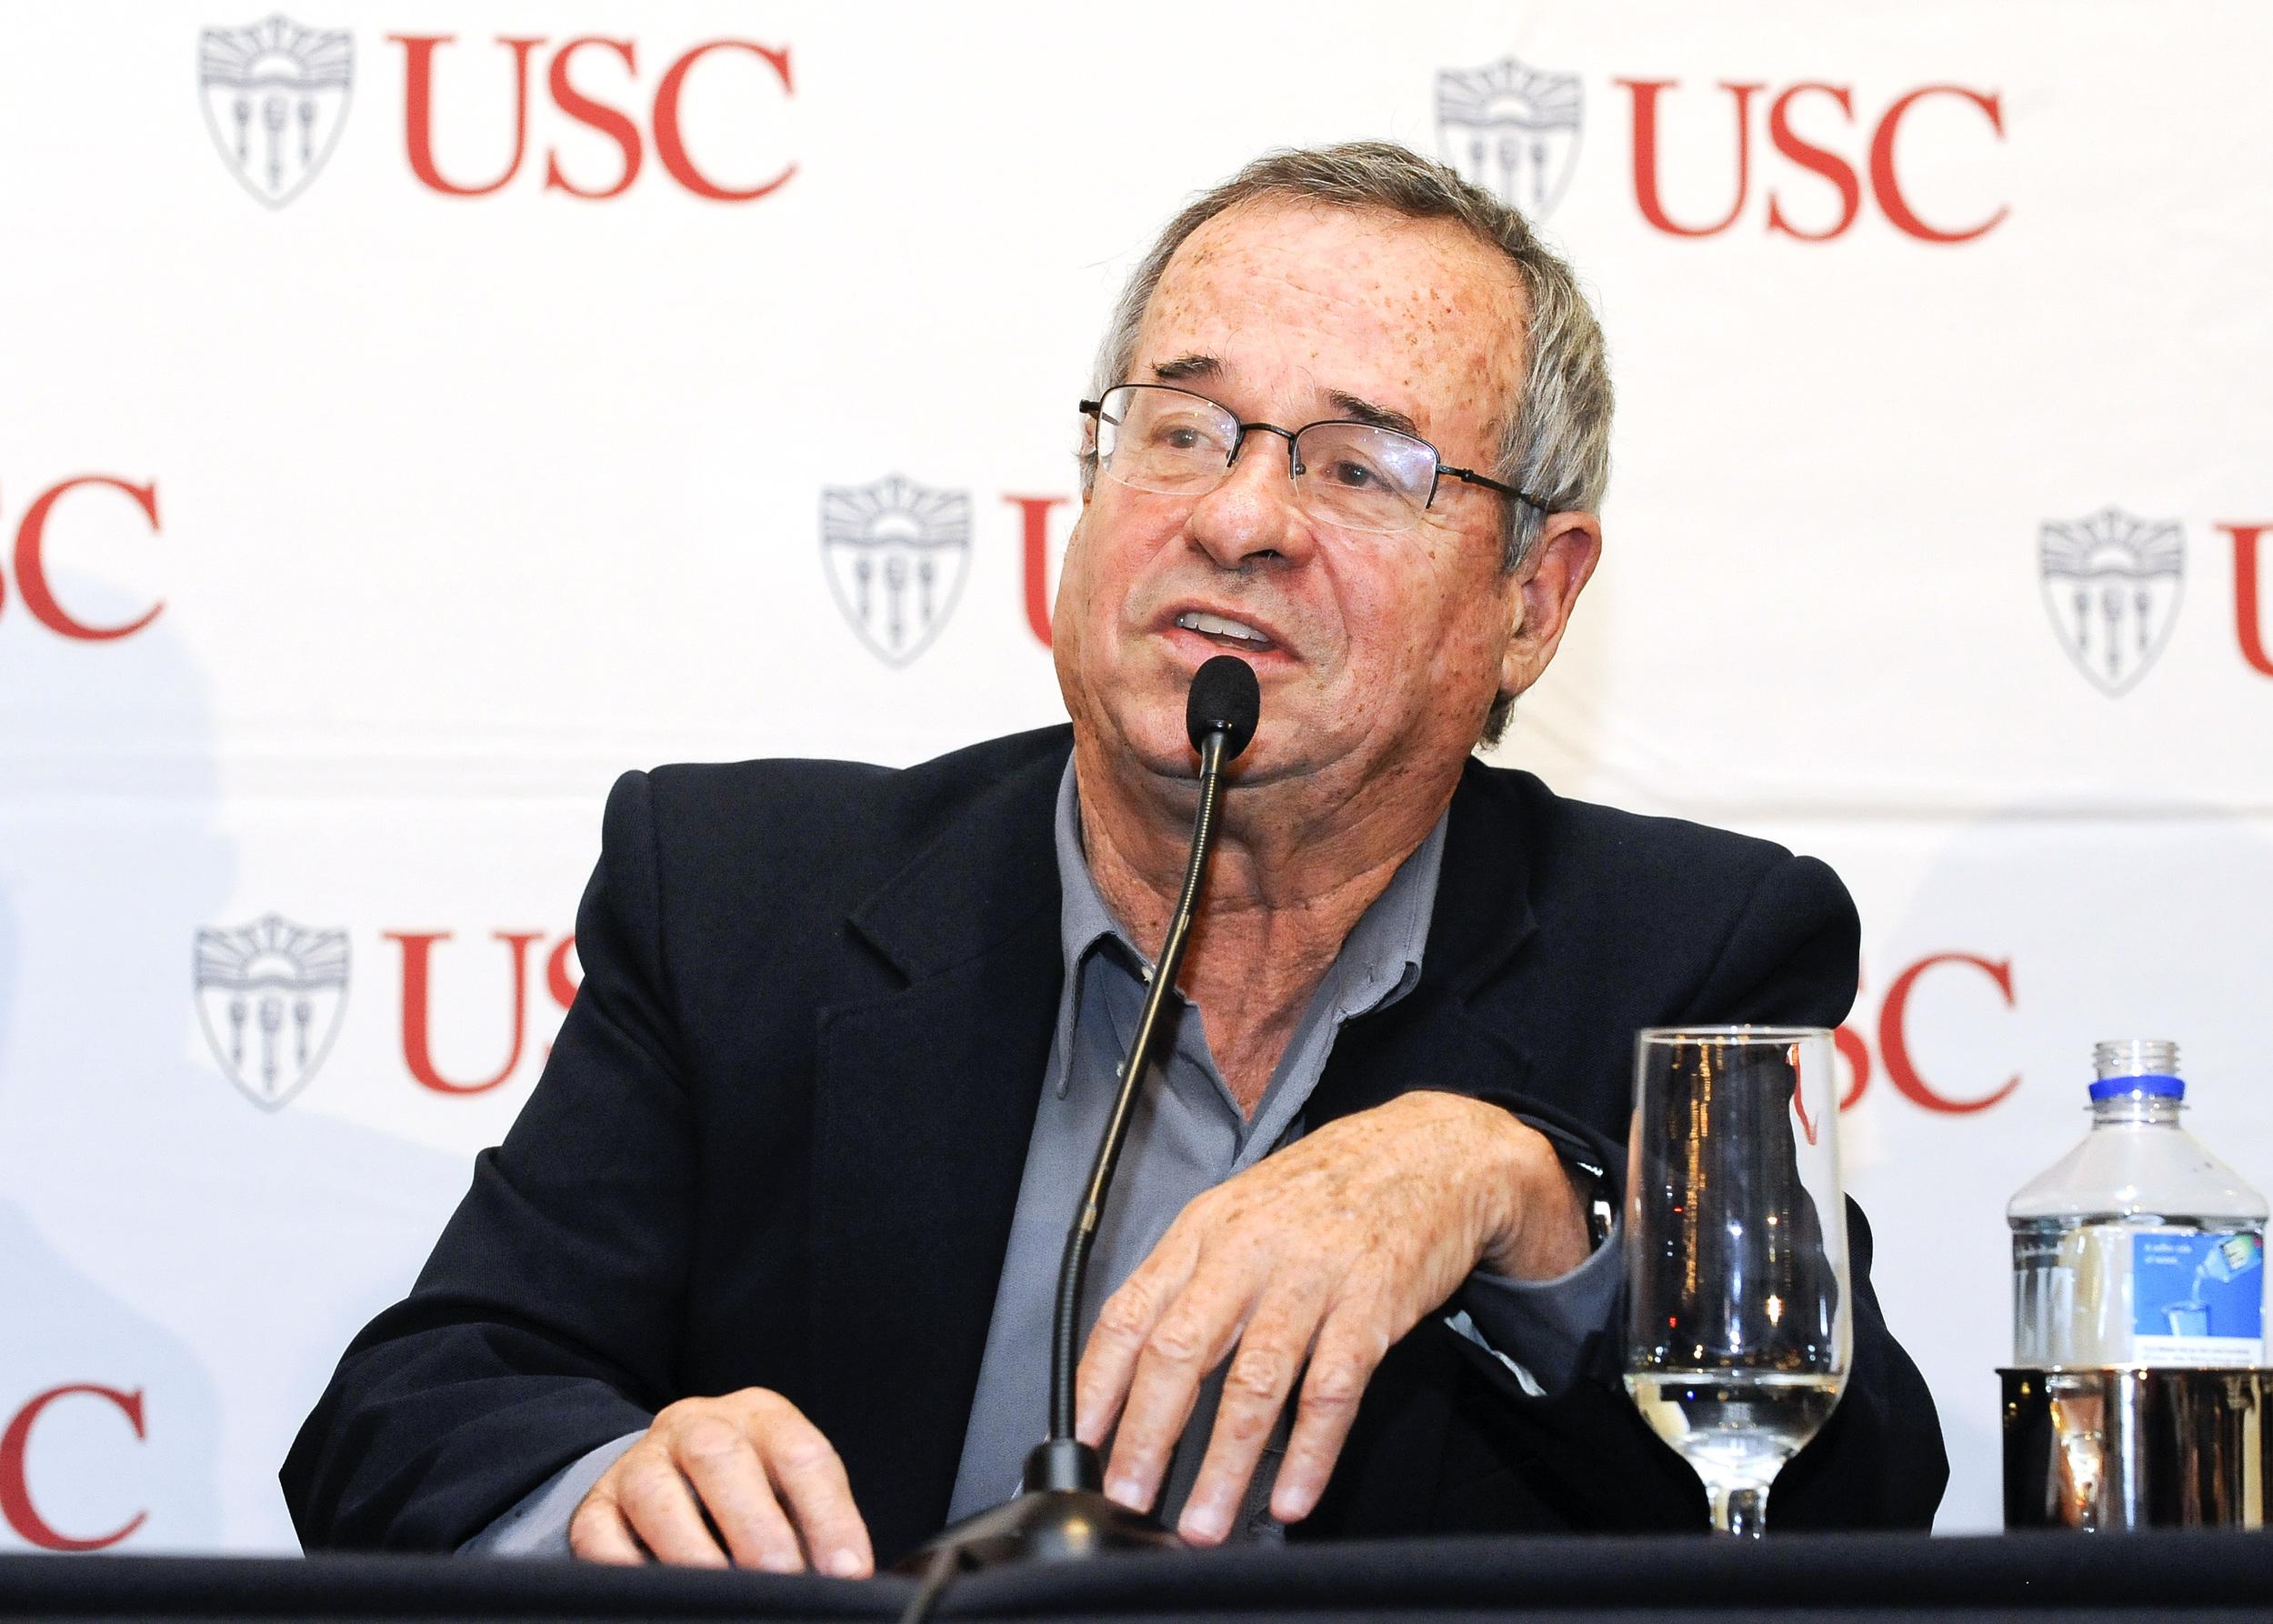 Israel's latest Nobel laureate in chemistry on understanding how enzymes work